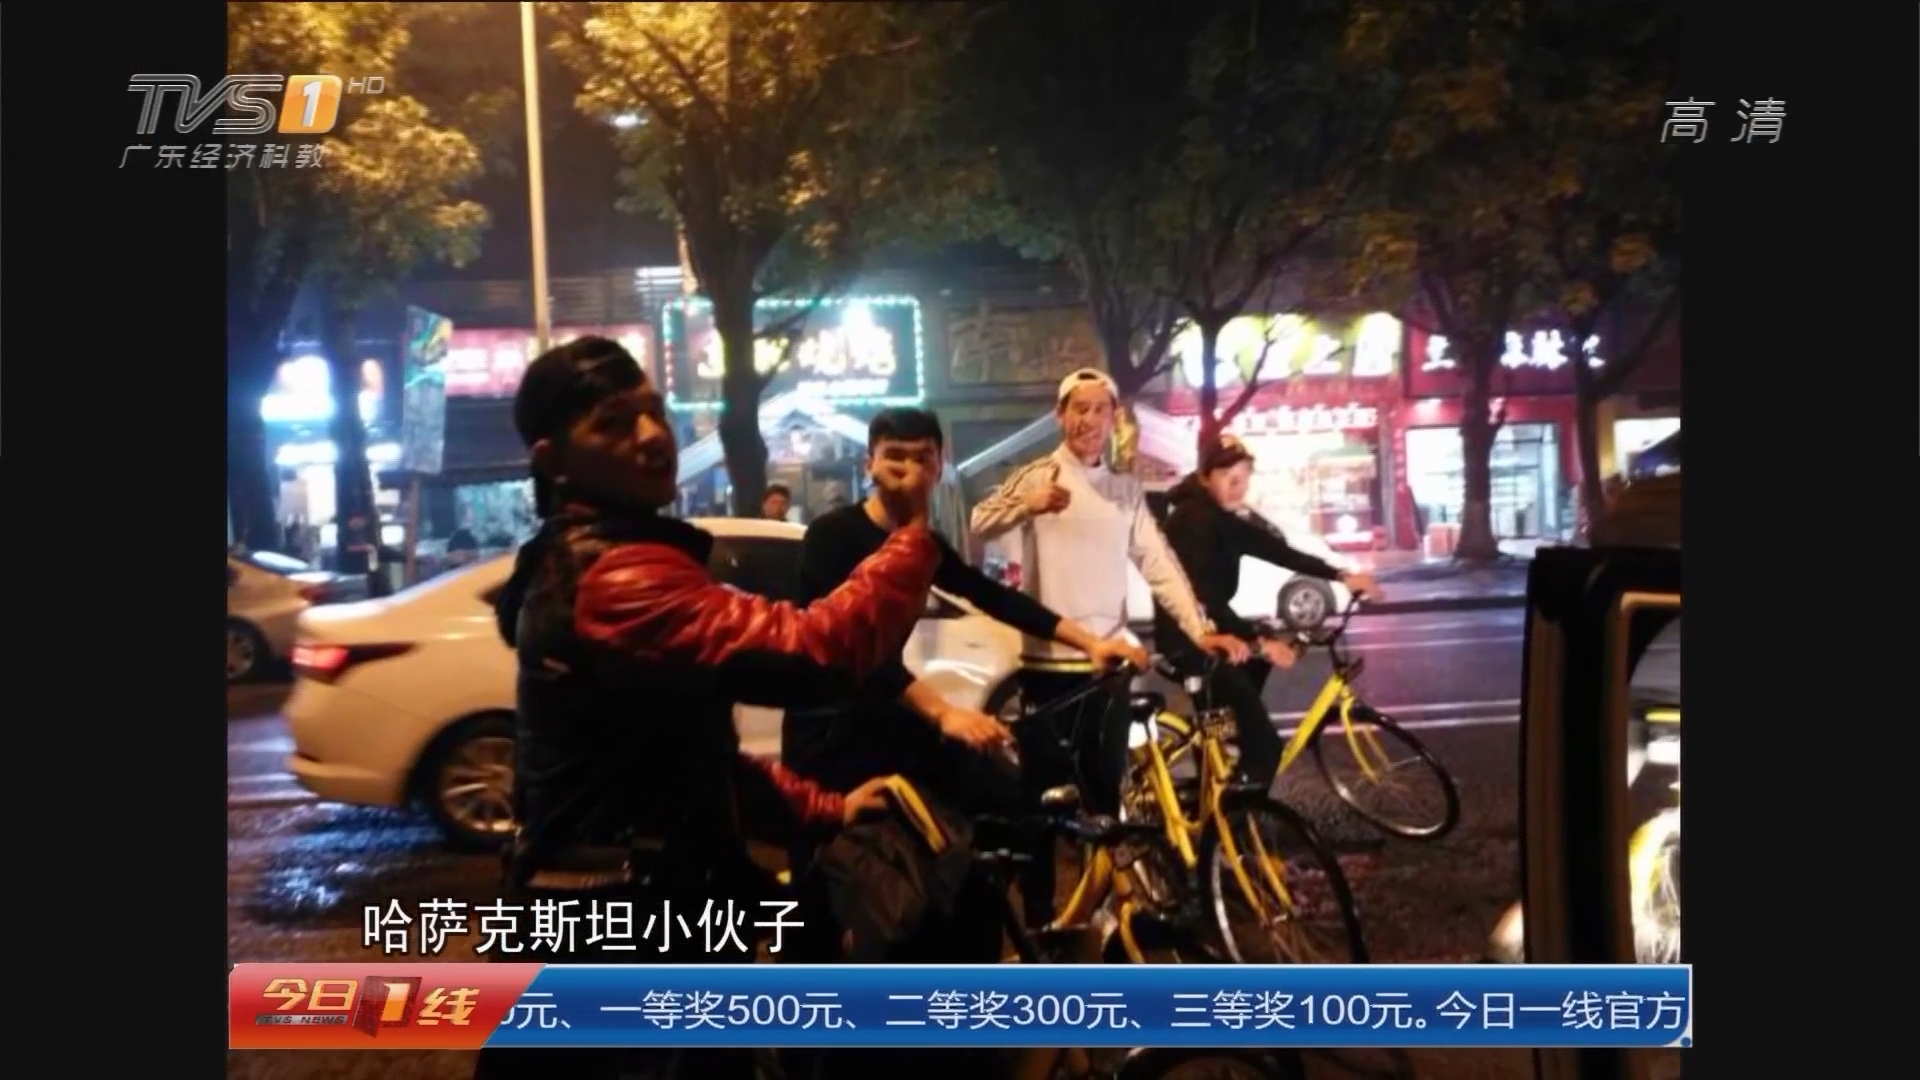 """系列专栏""""温度"""":广州 女司机发朋友圈 为两张馕饼找主人"""